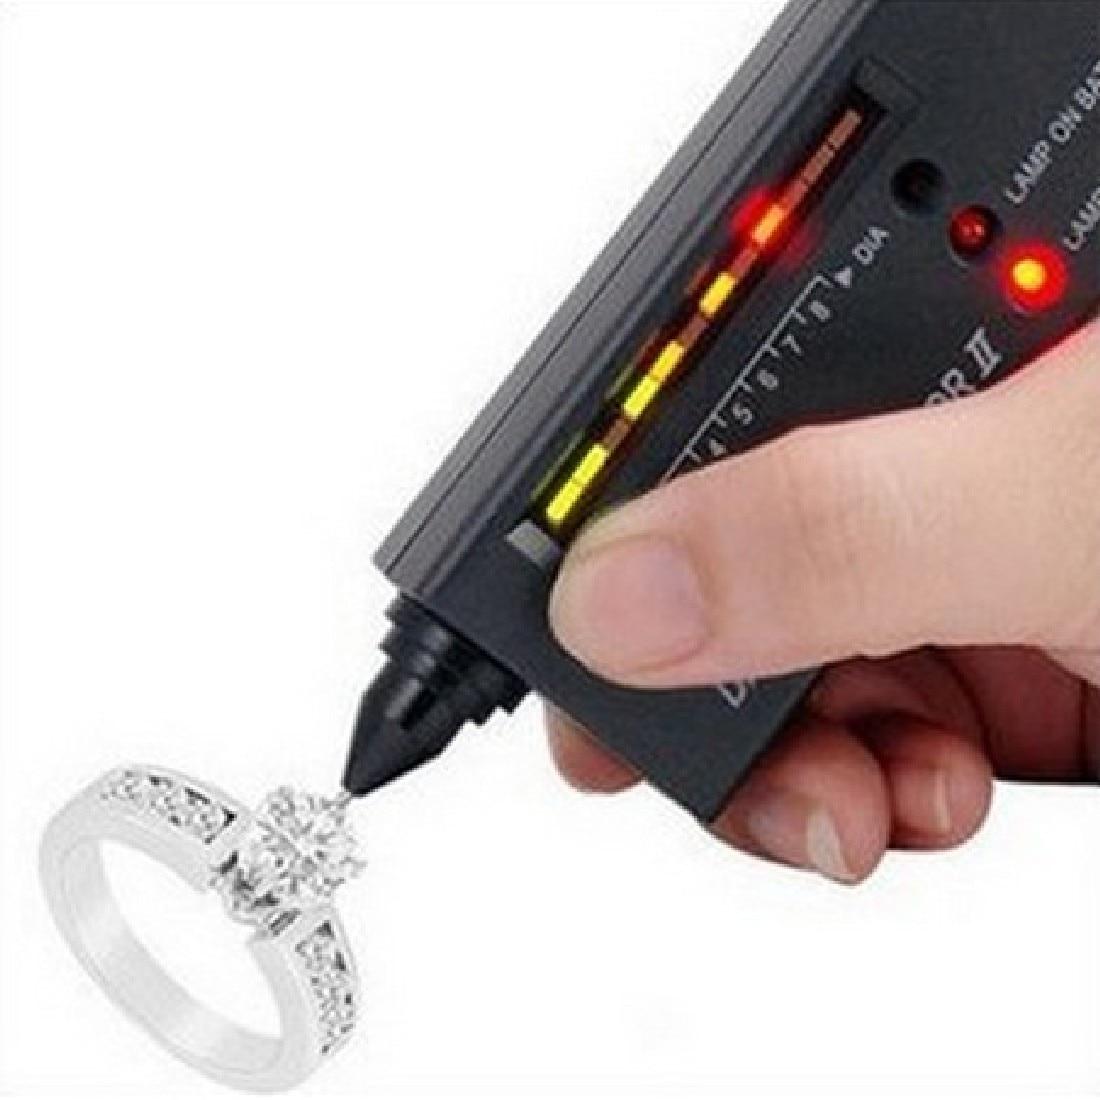 Детектор алмазов электронный Алмазный Селектор драгоценных камней тестер драгоценных камней II ювелирные изделия инструмент